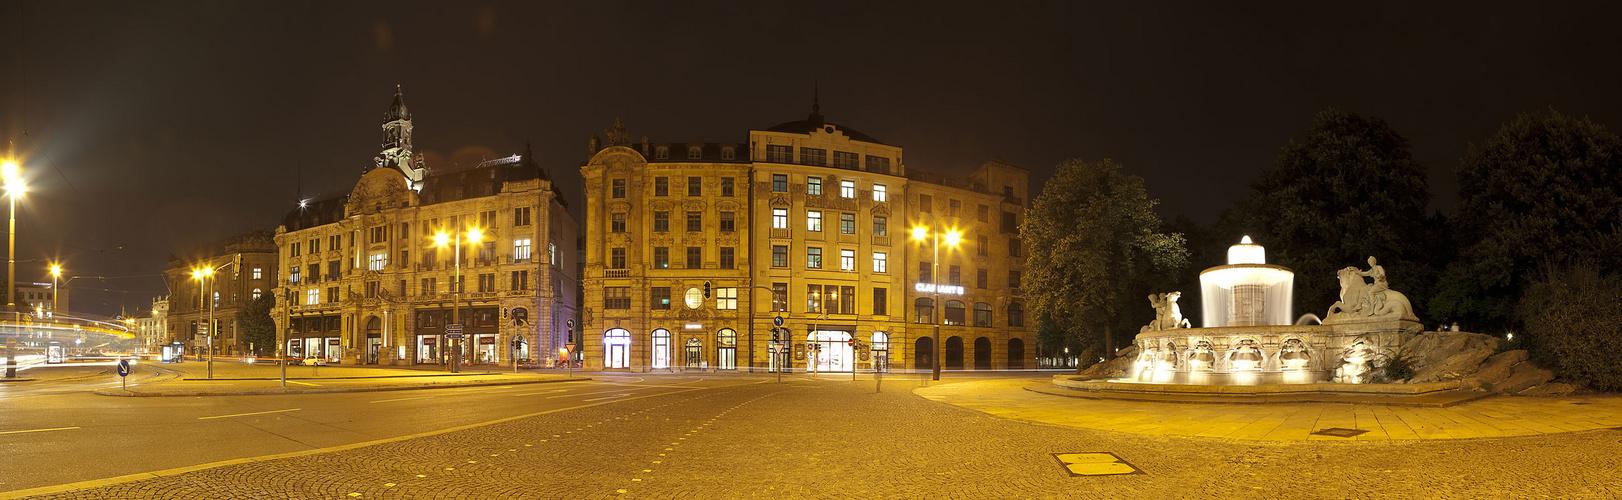 Stadt der Lichter - Lenbachplatz nachts in München